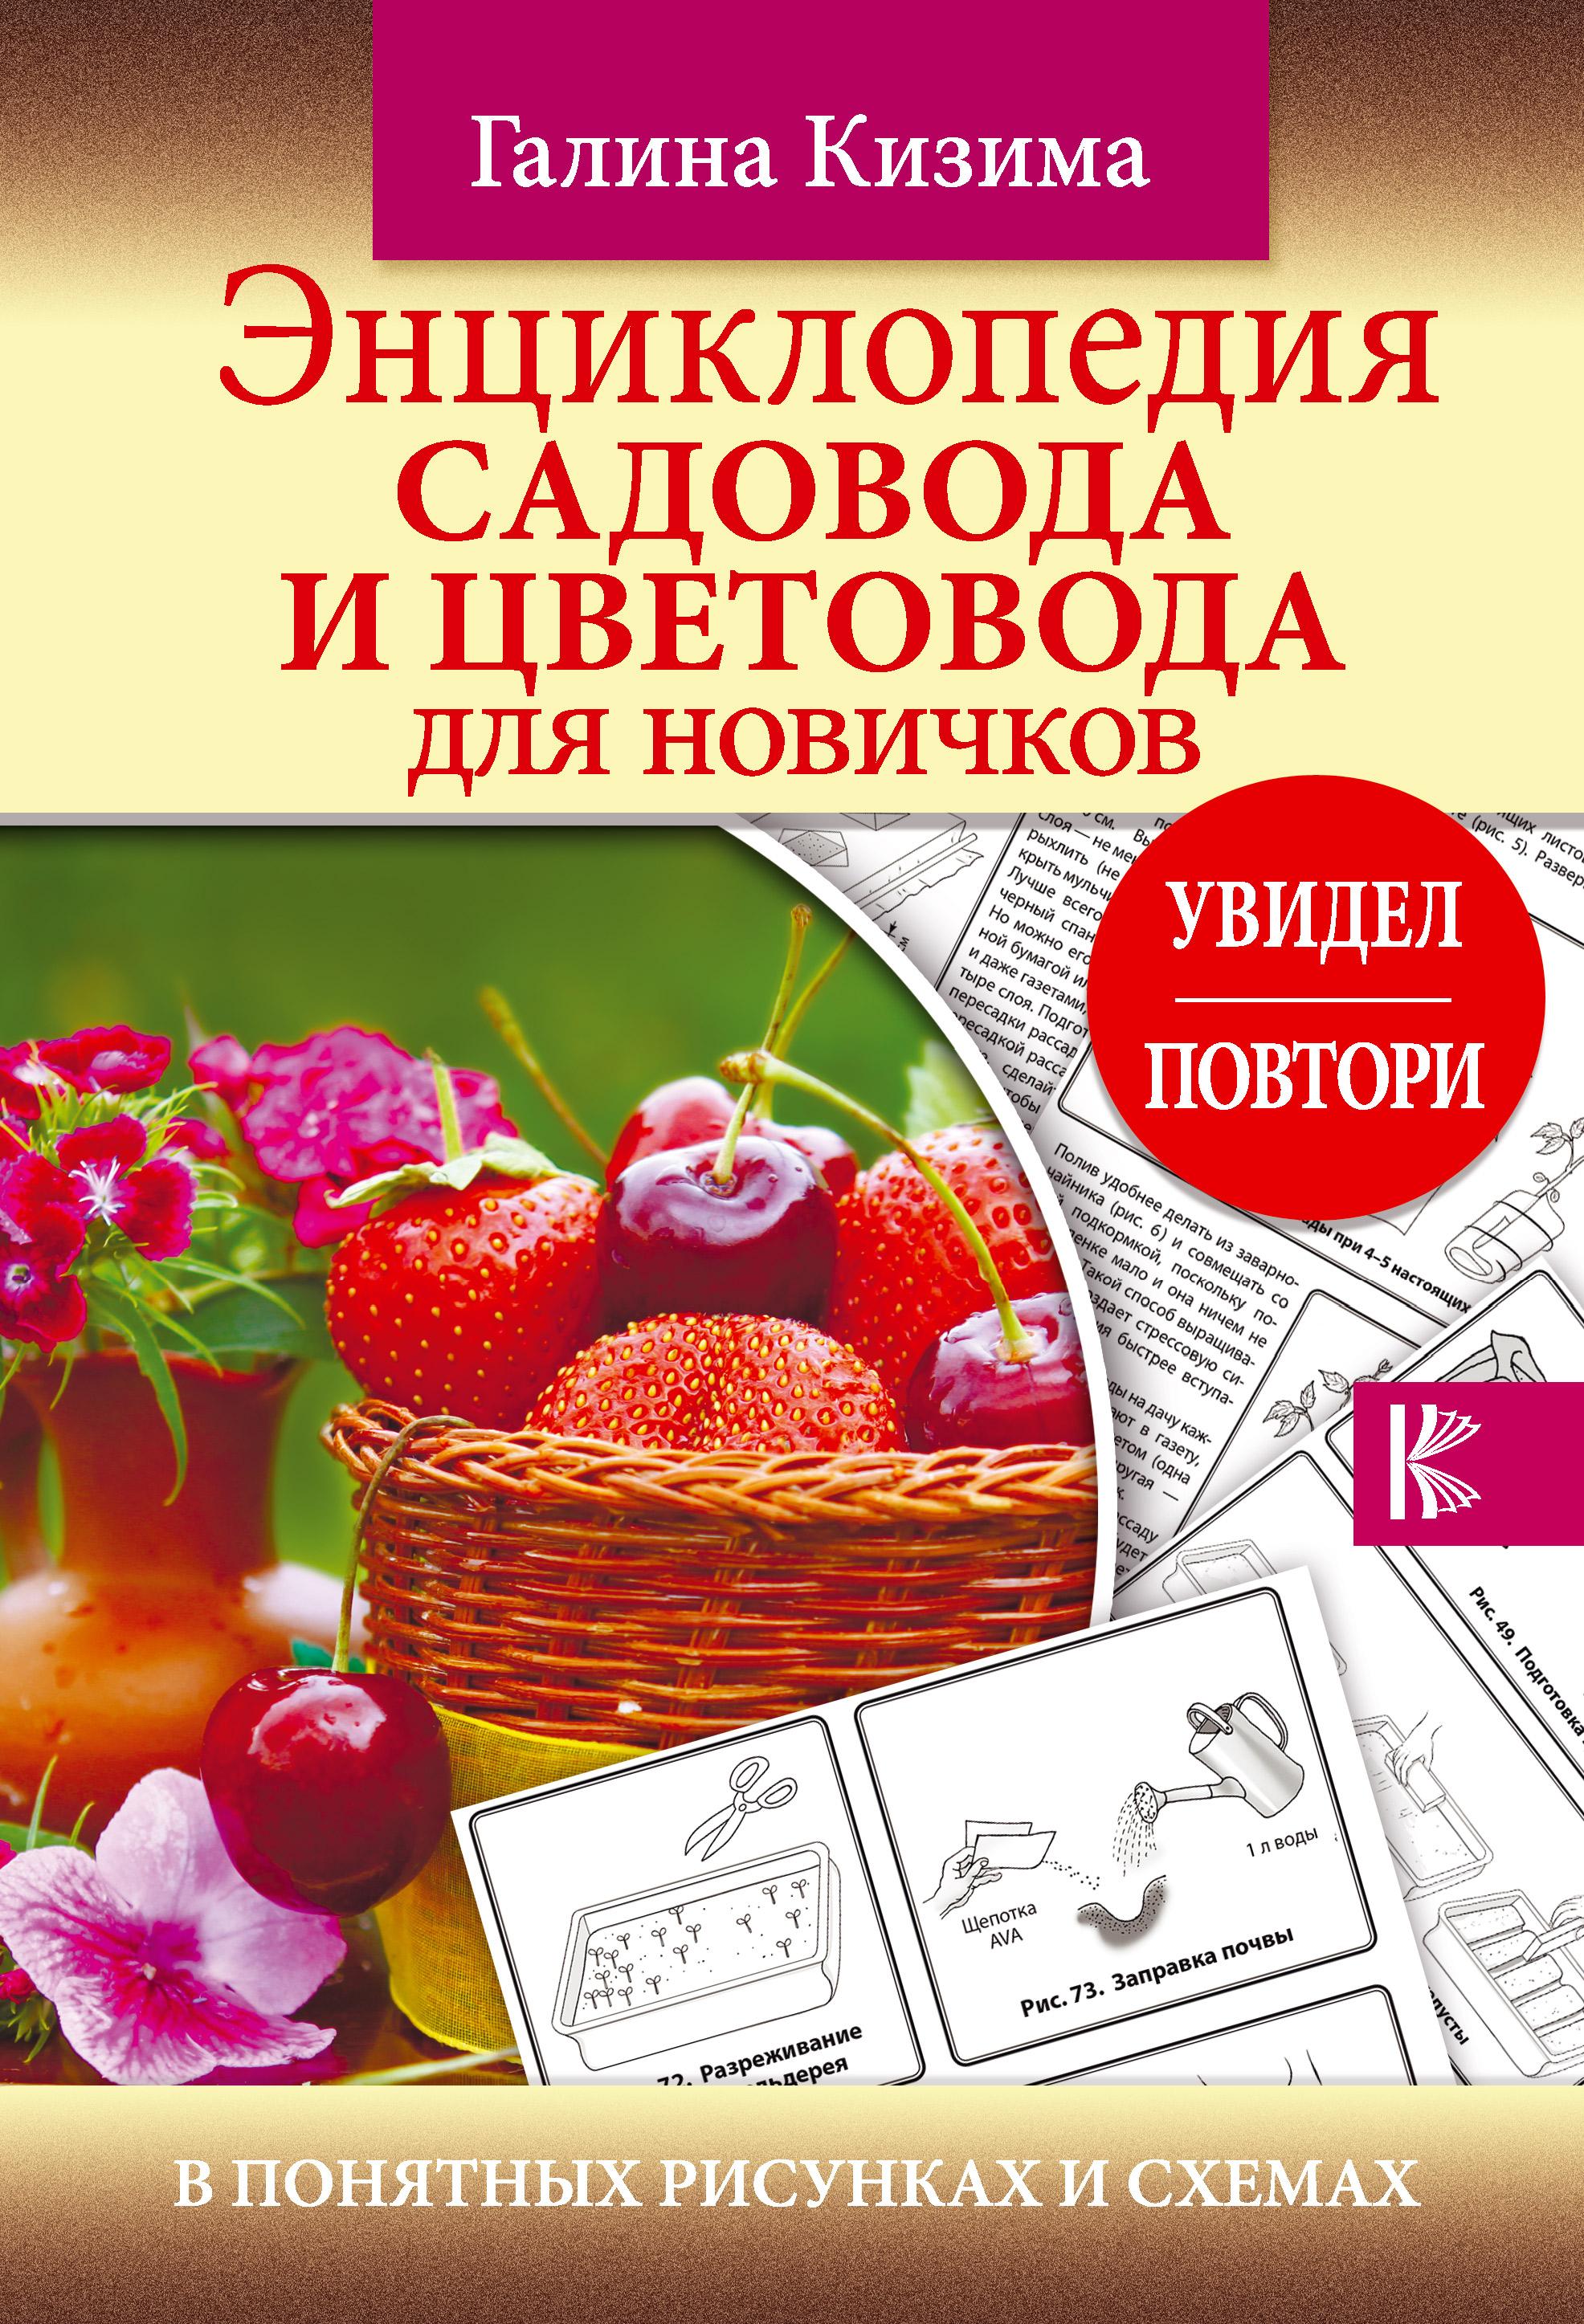 Энциклопедия садовода и цветовода для новичков в понятных рисунках и схемах. Увидел – повтори